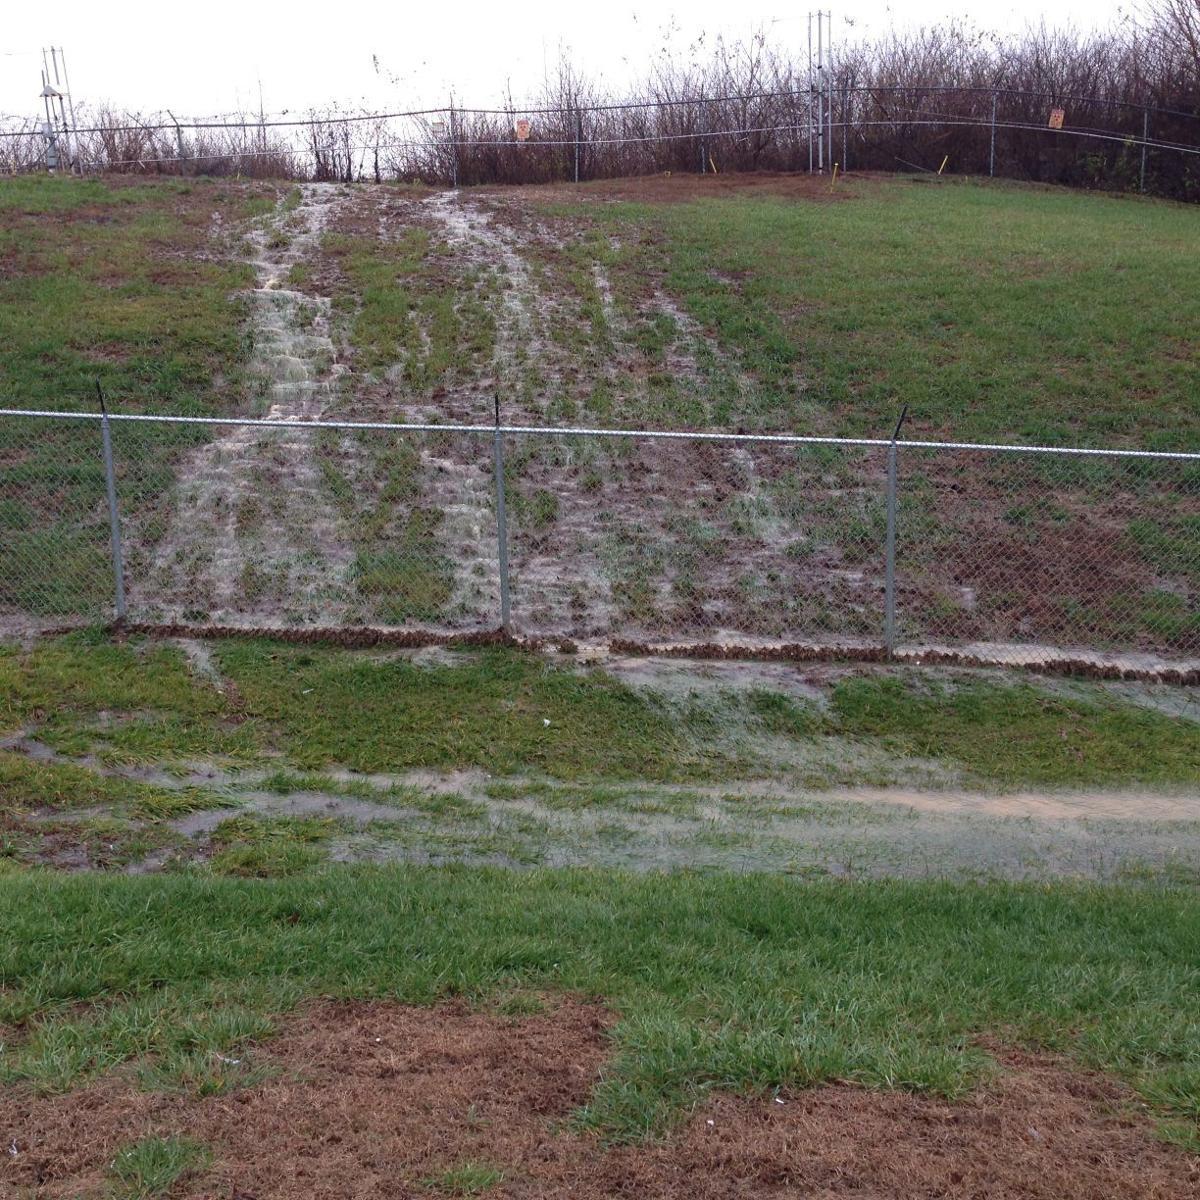 Storm water runoff at radioactive landfill